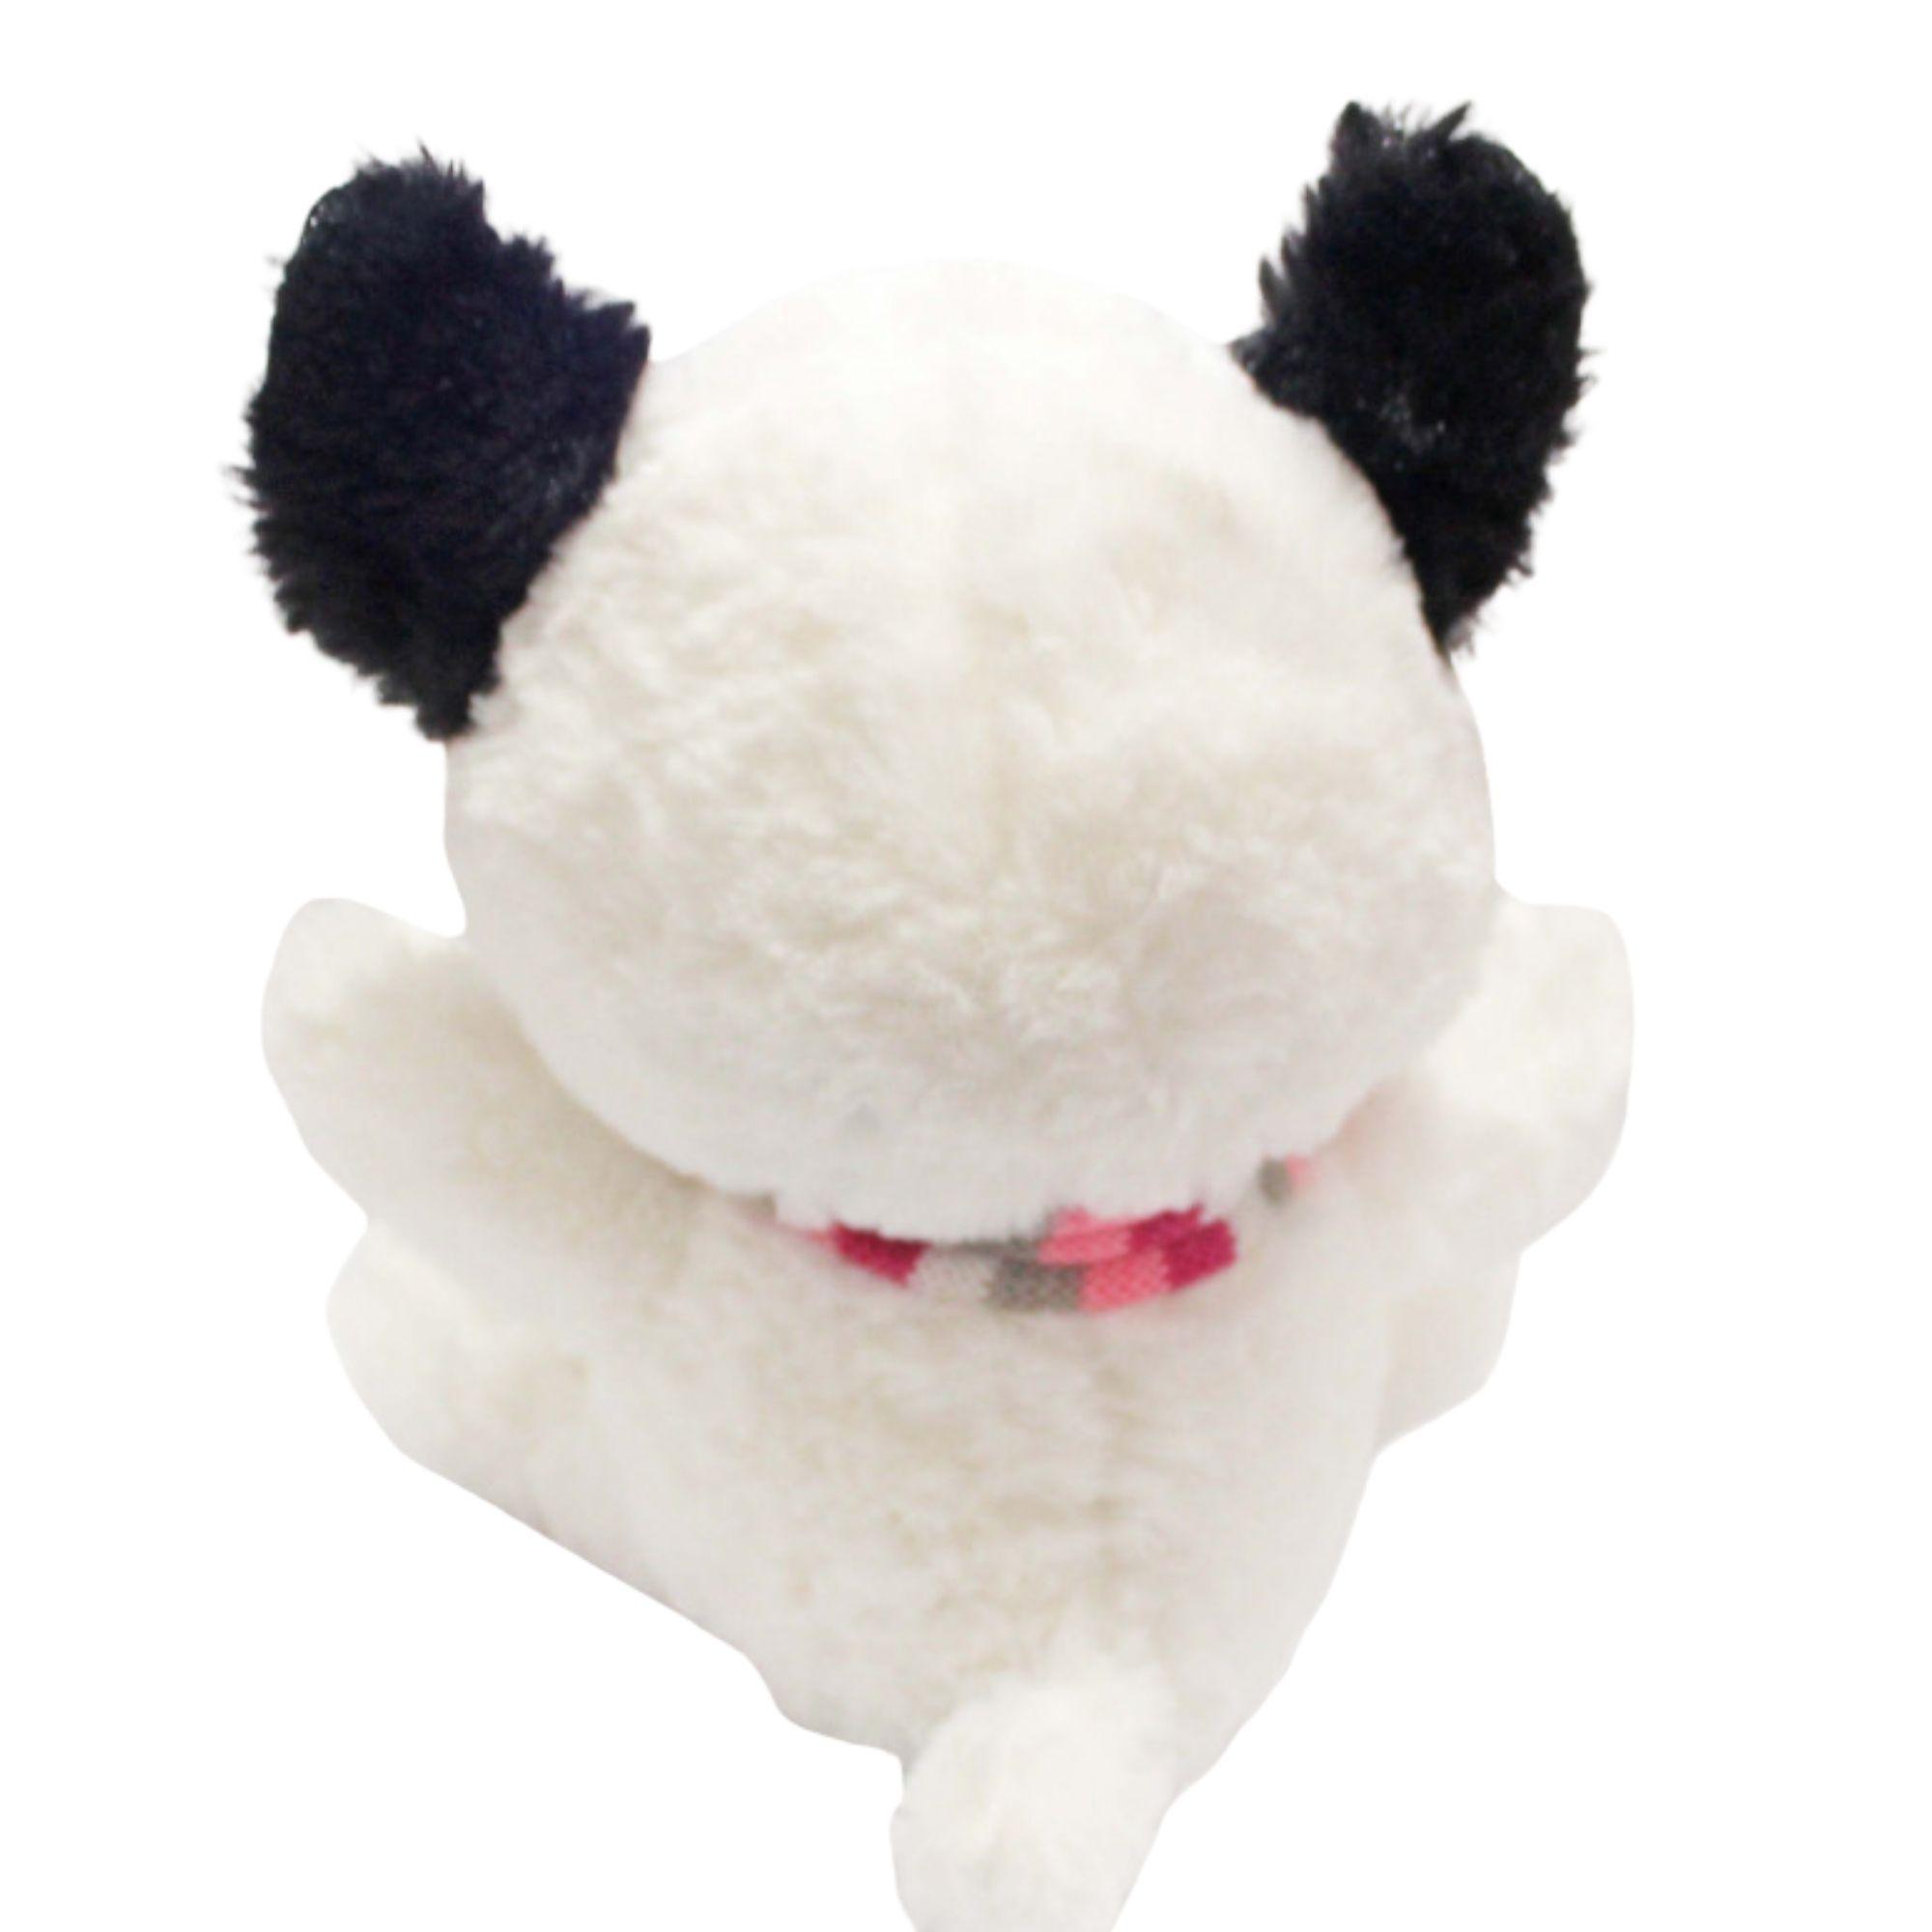 Cachorro Branco Piratinha de Pelucia com Olhos Brilhantes  25 cm  - Game Land Brinquedos